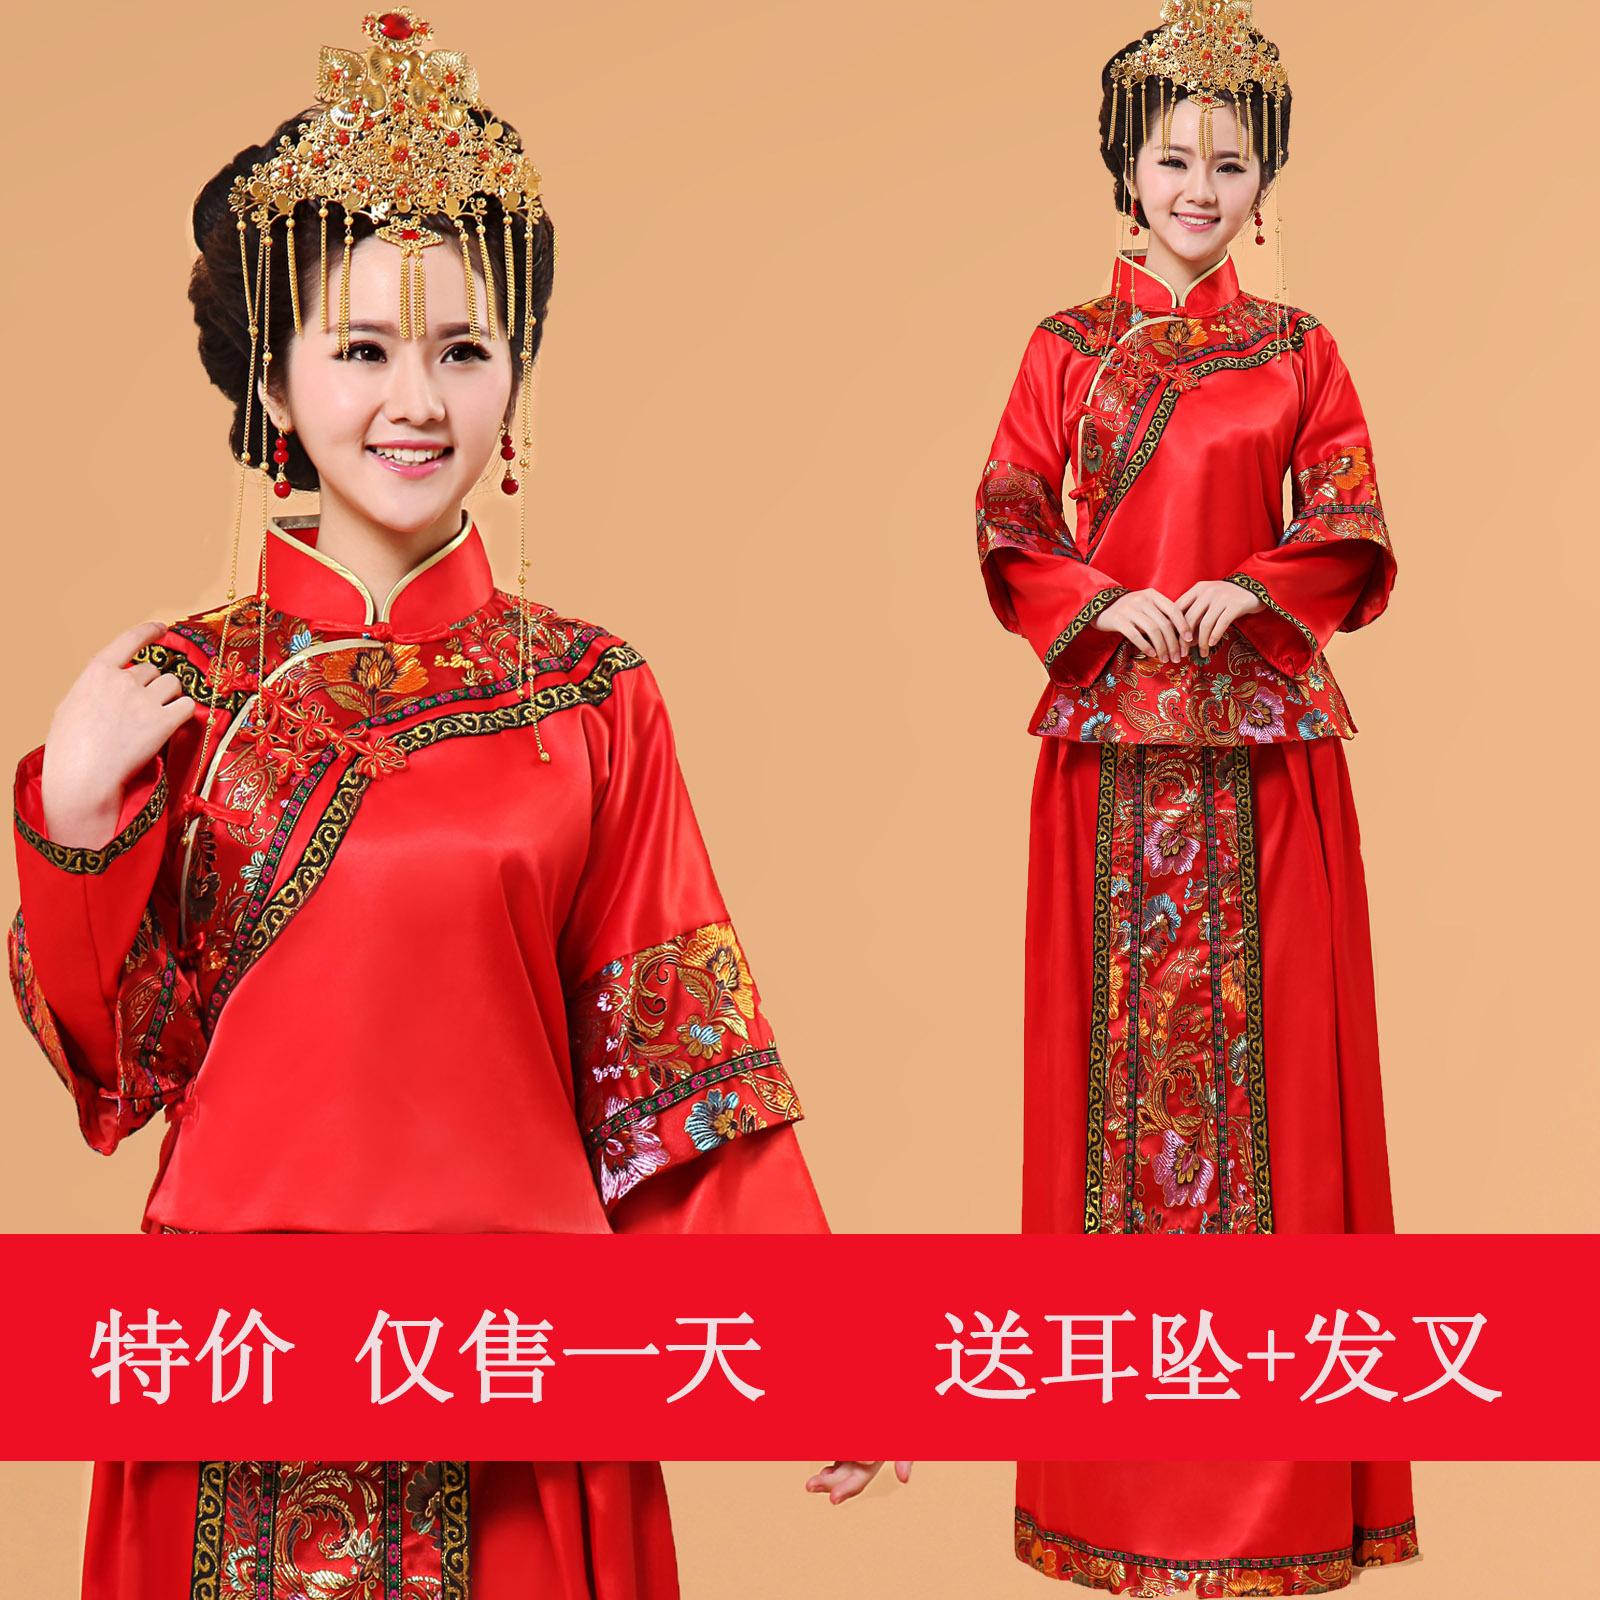 秀禾服 新娘礼服 嫁衣 中式婚纱结婚礼服 秀和服古装敬酒服 红色商品图片